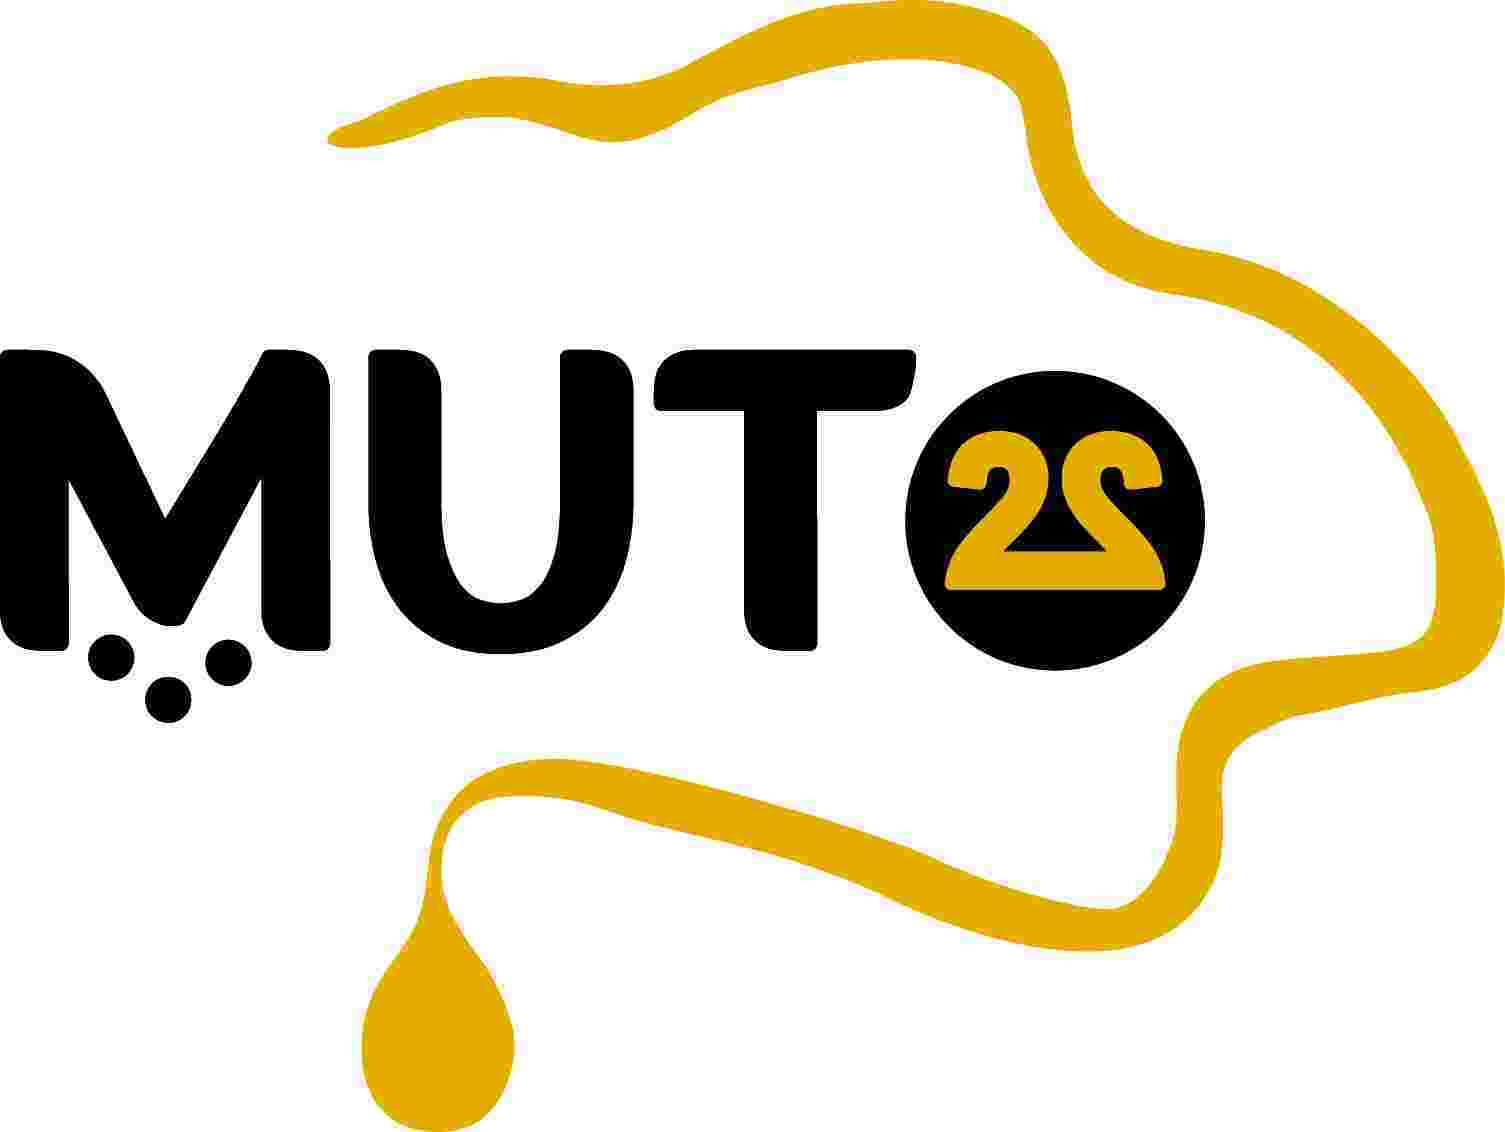 Mut22